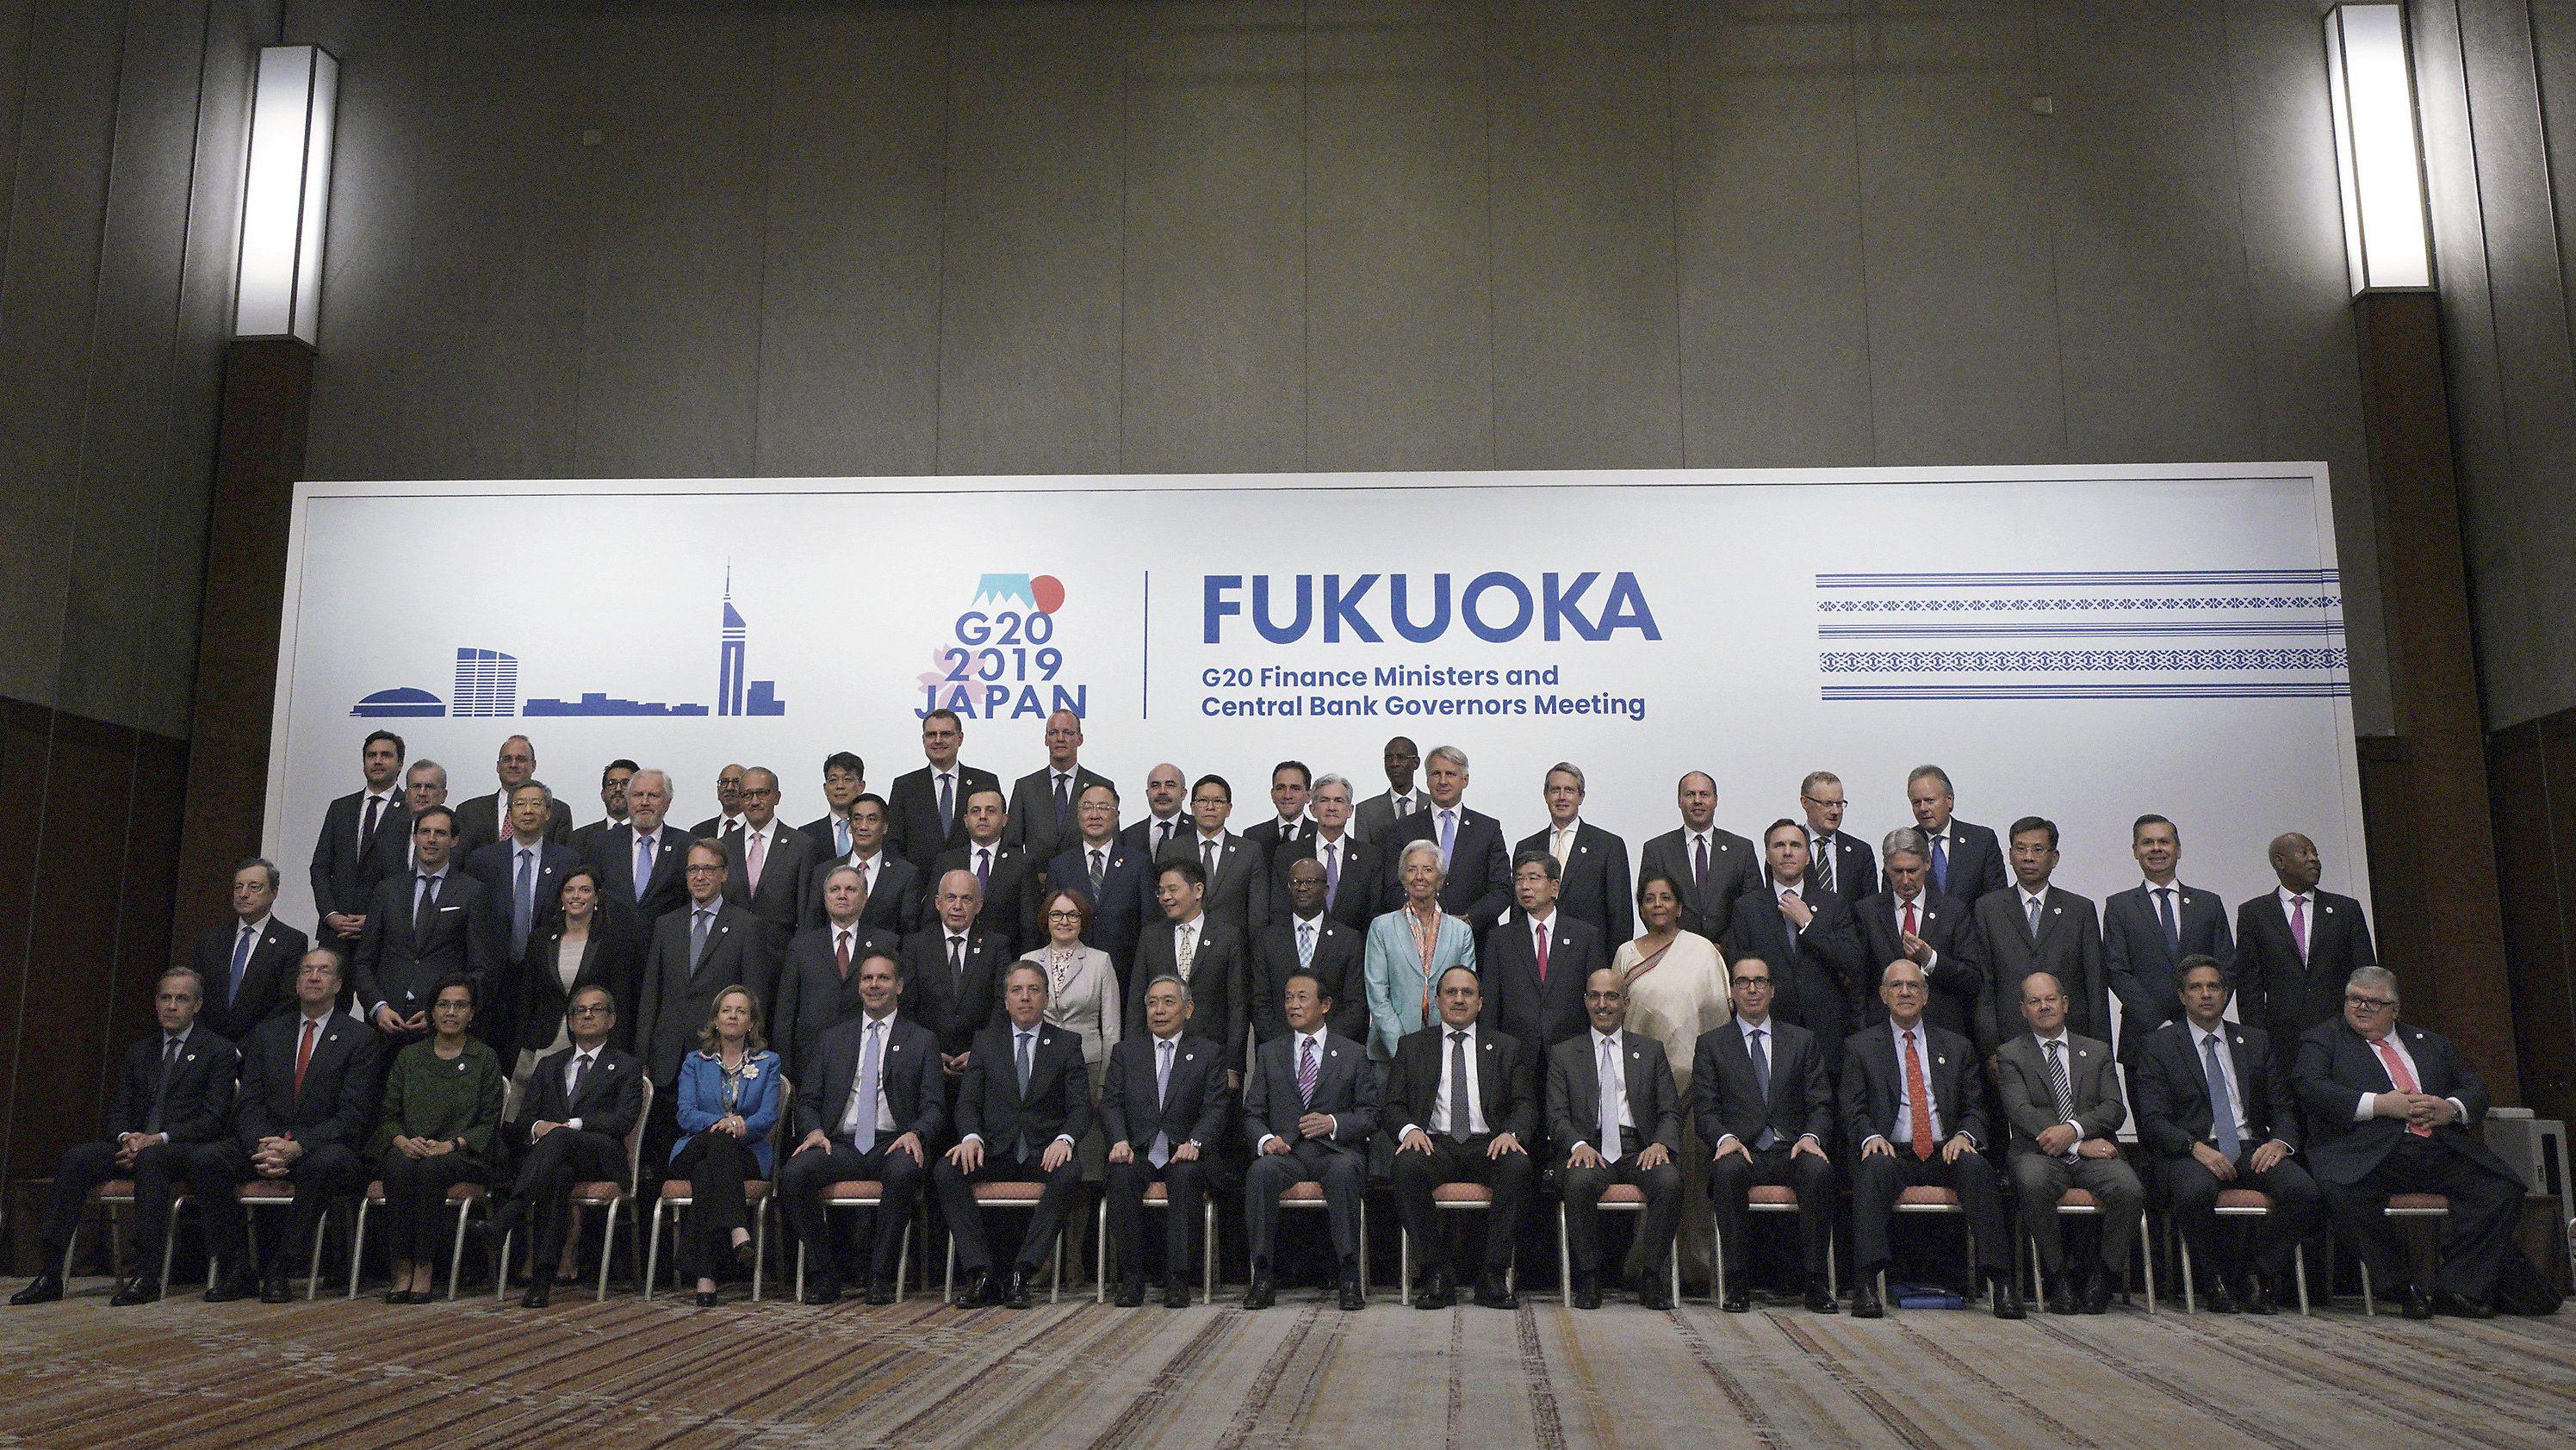 G20-Finanzminister auf einem Gruppenfoto anlässlich des Treffens der Finanzminister und Zentralbankchefs der G20-Staaten